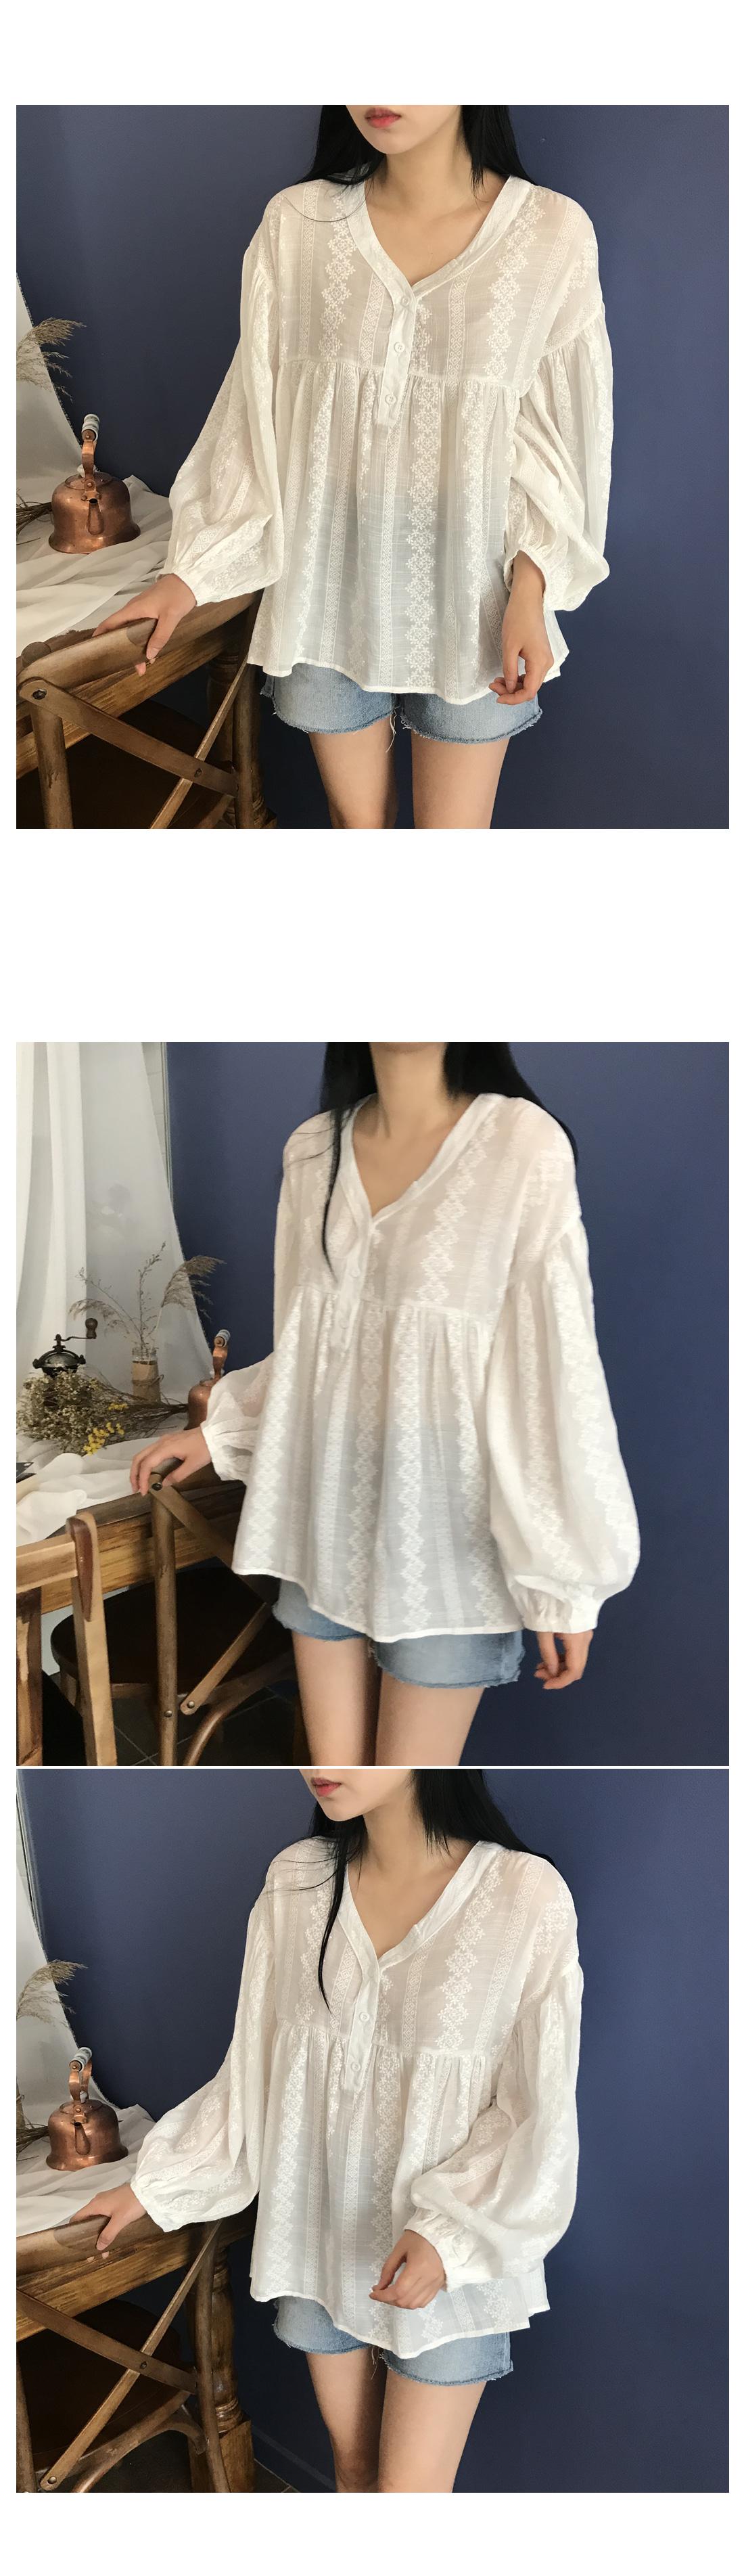 Adel rouze blouse